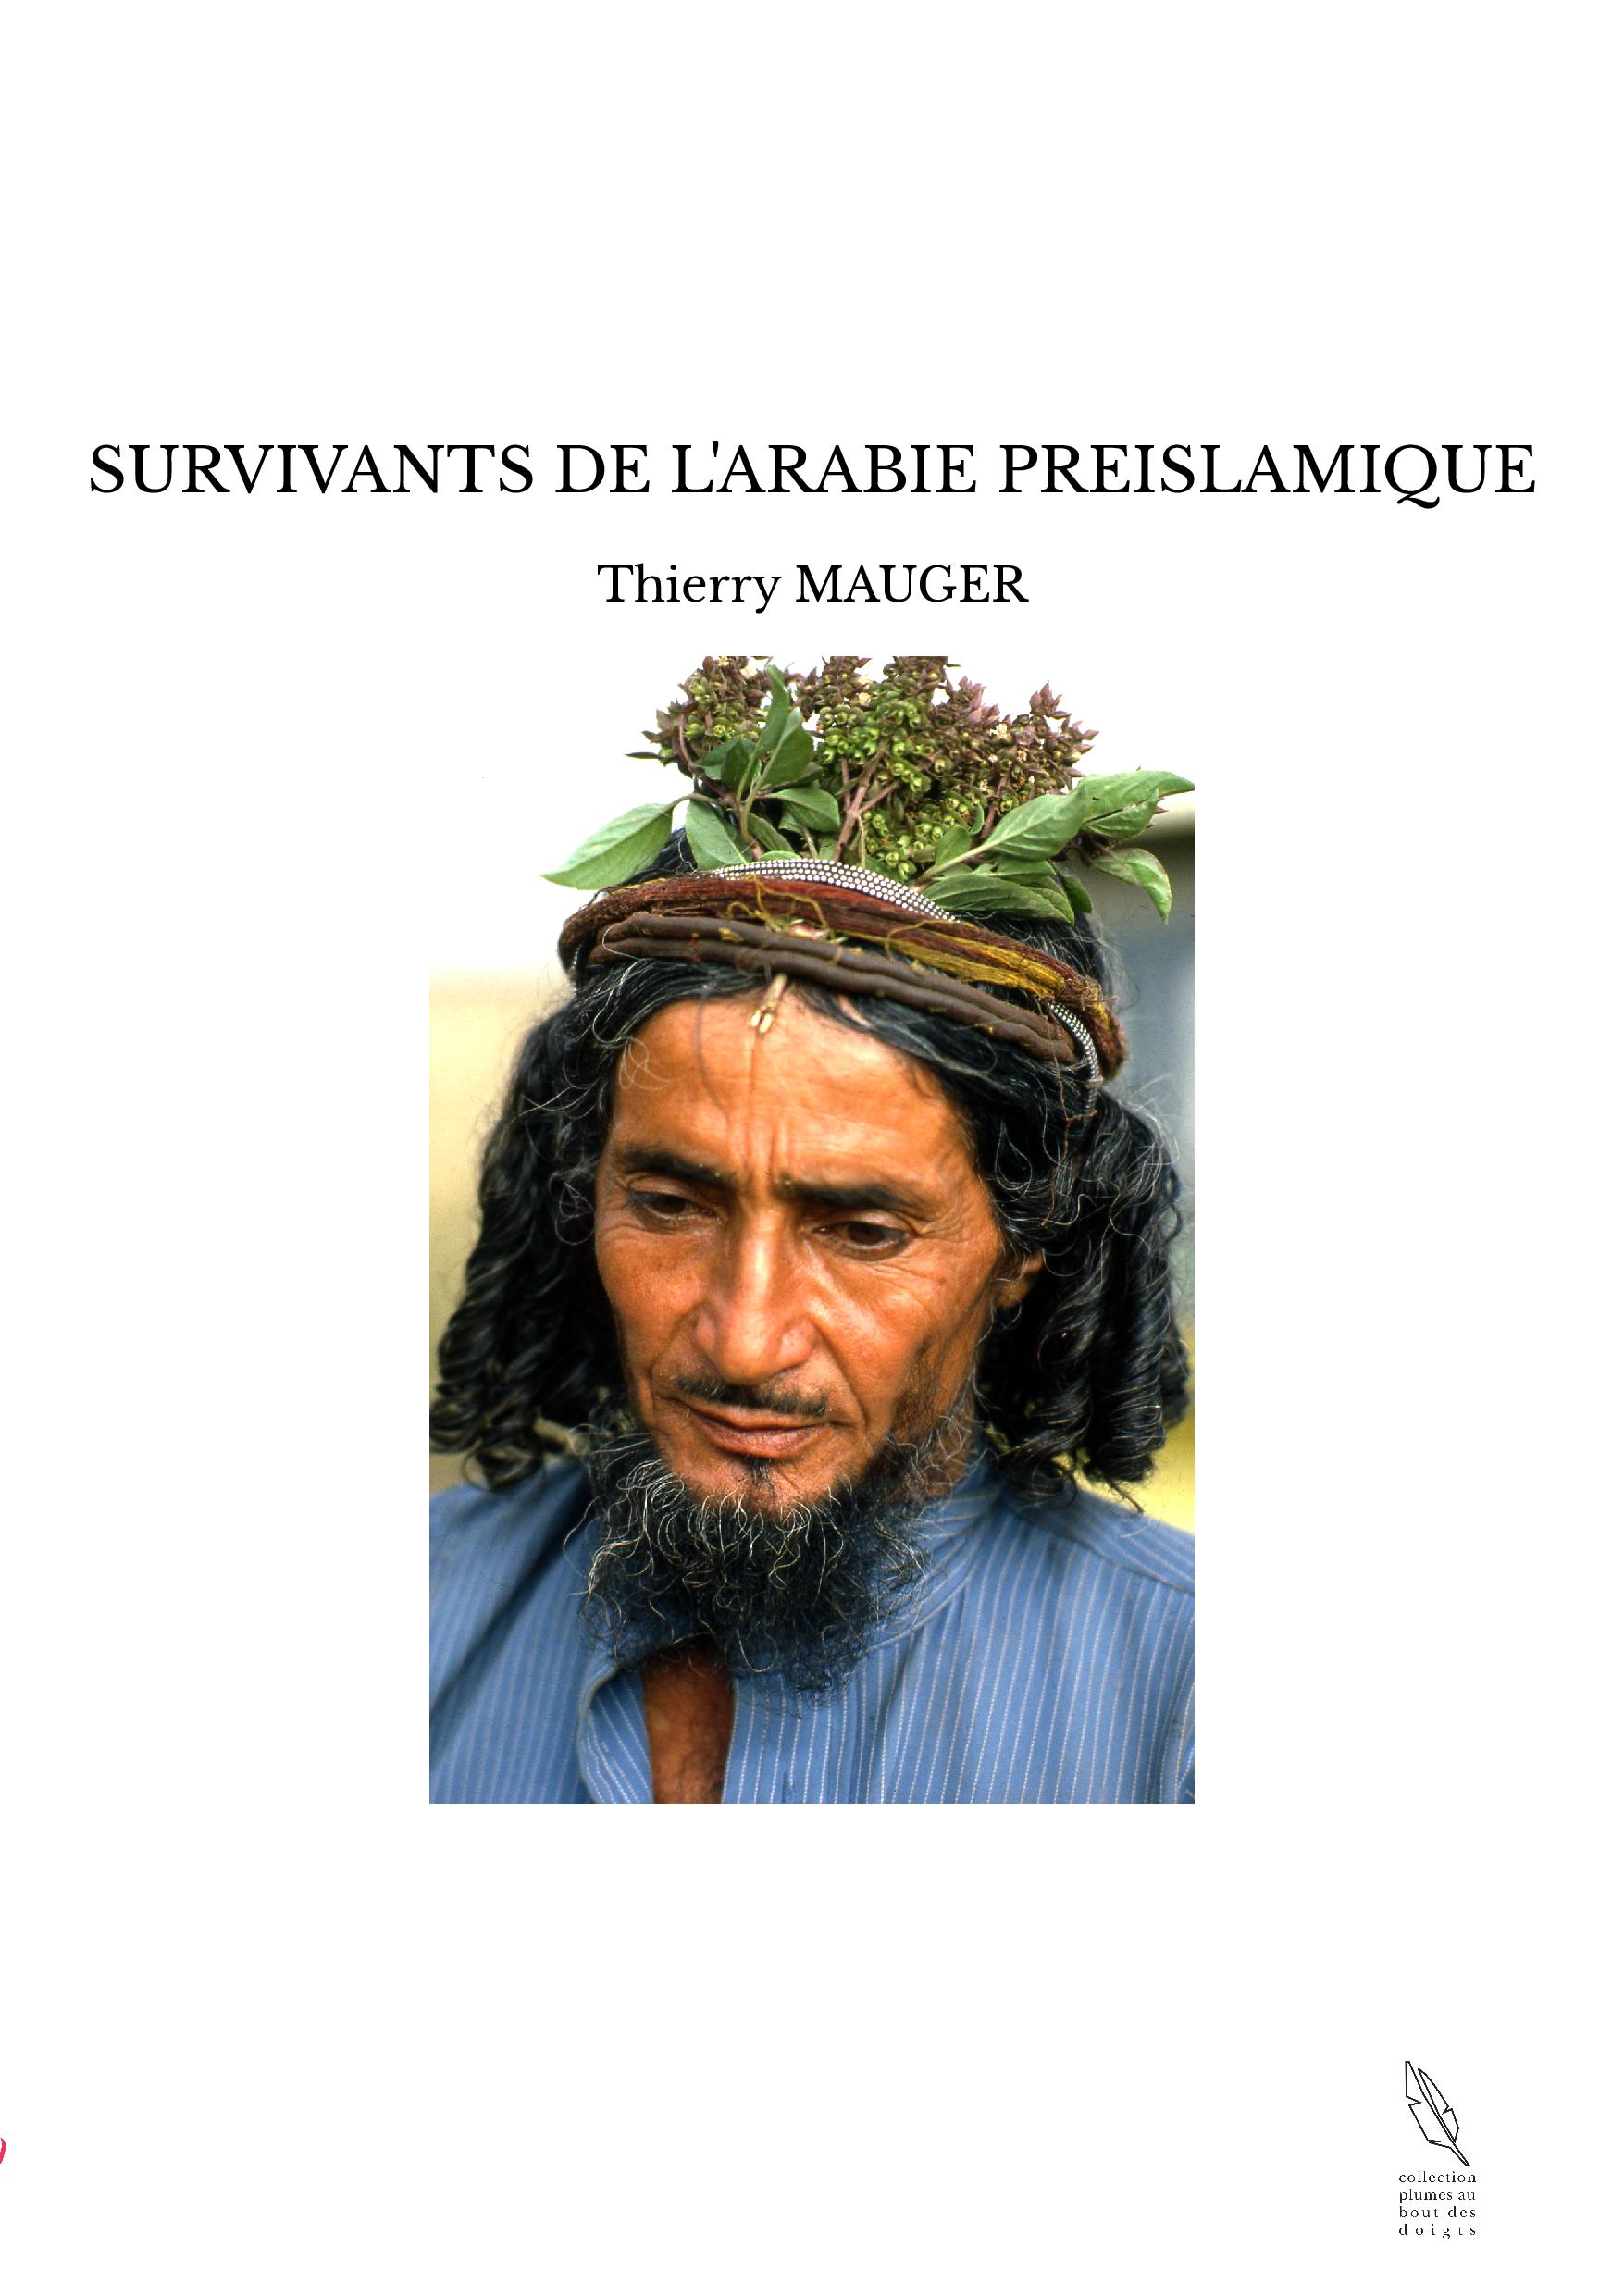 SURVIVANTS DE L'ARABIE PREISLAMIQUE